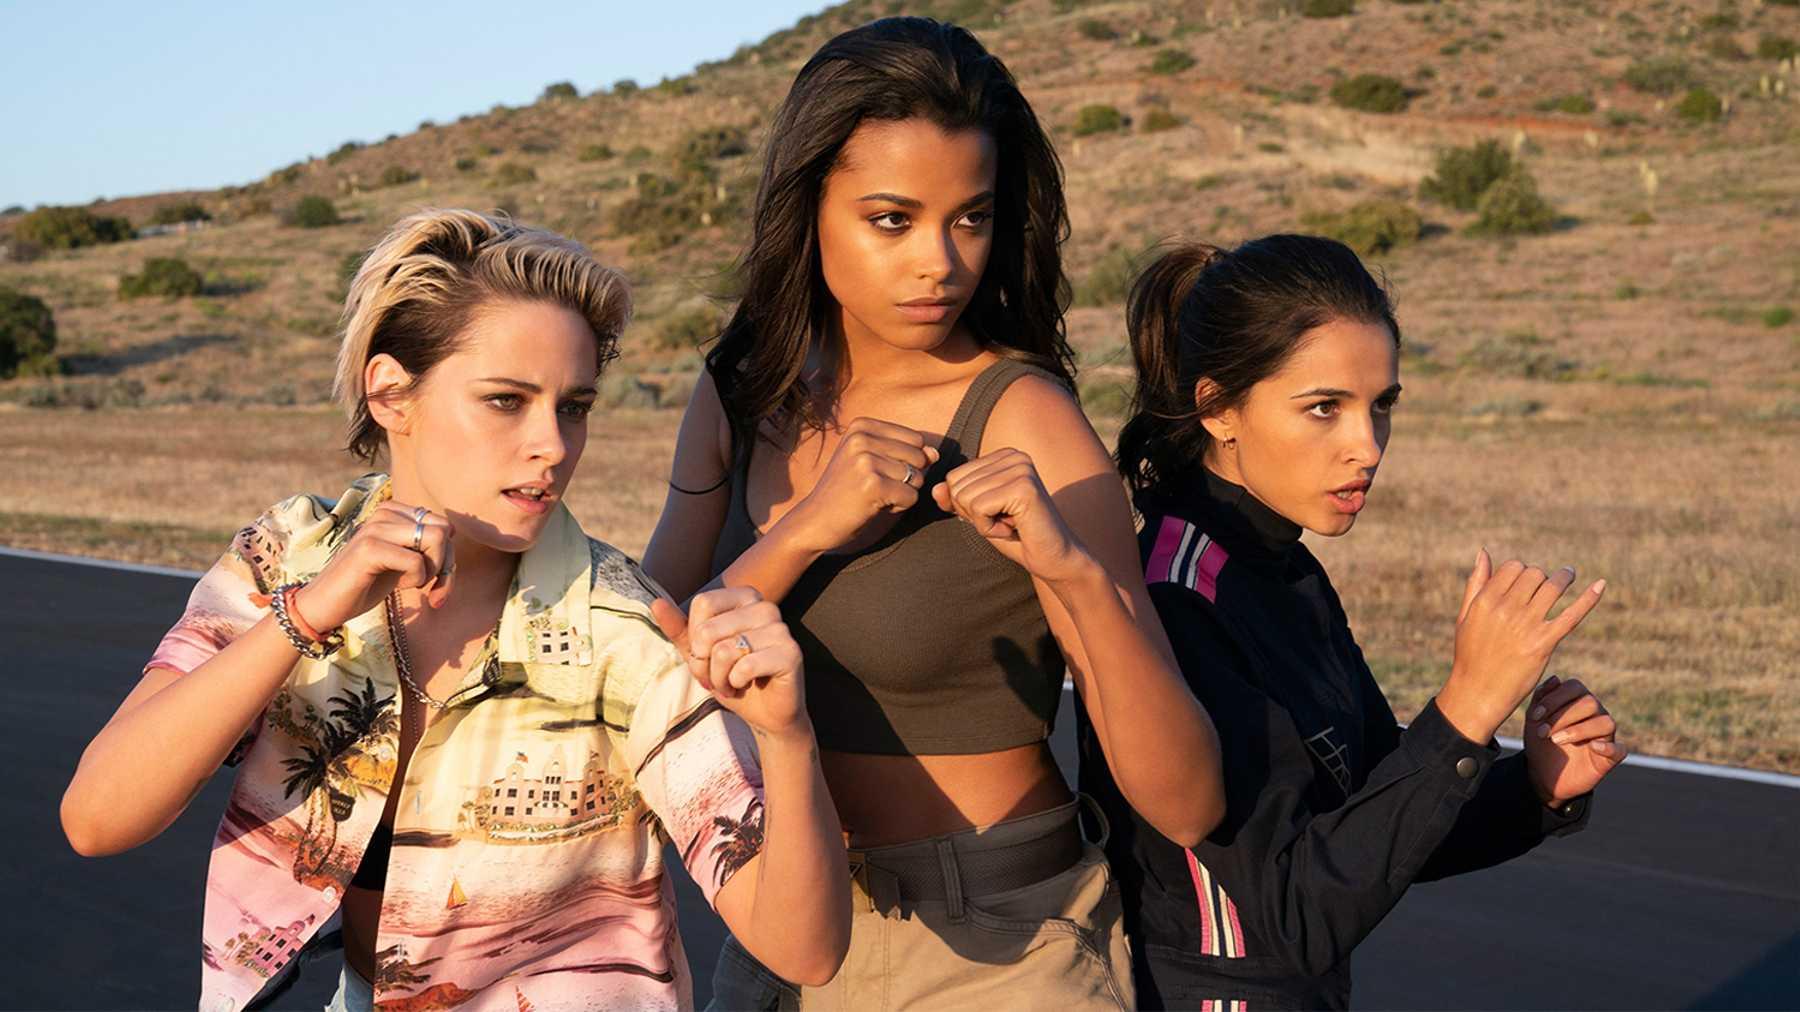 Режиссер новых «Ангелов Чарли» ответила накритику фильма— винит вовсем стереотипы исексизм